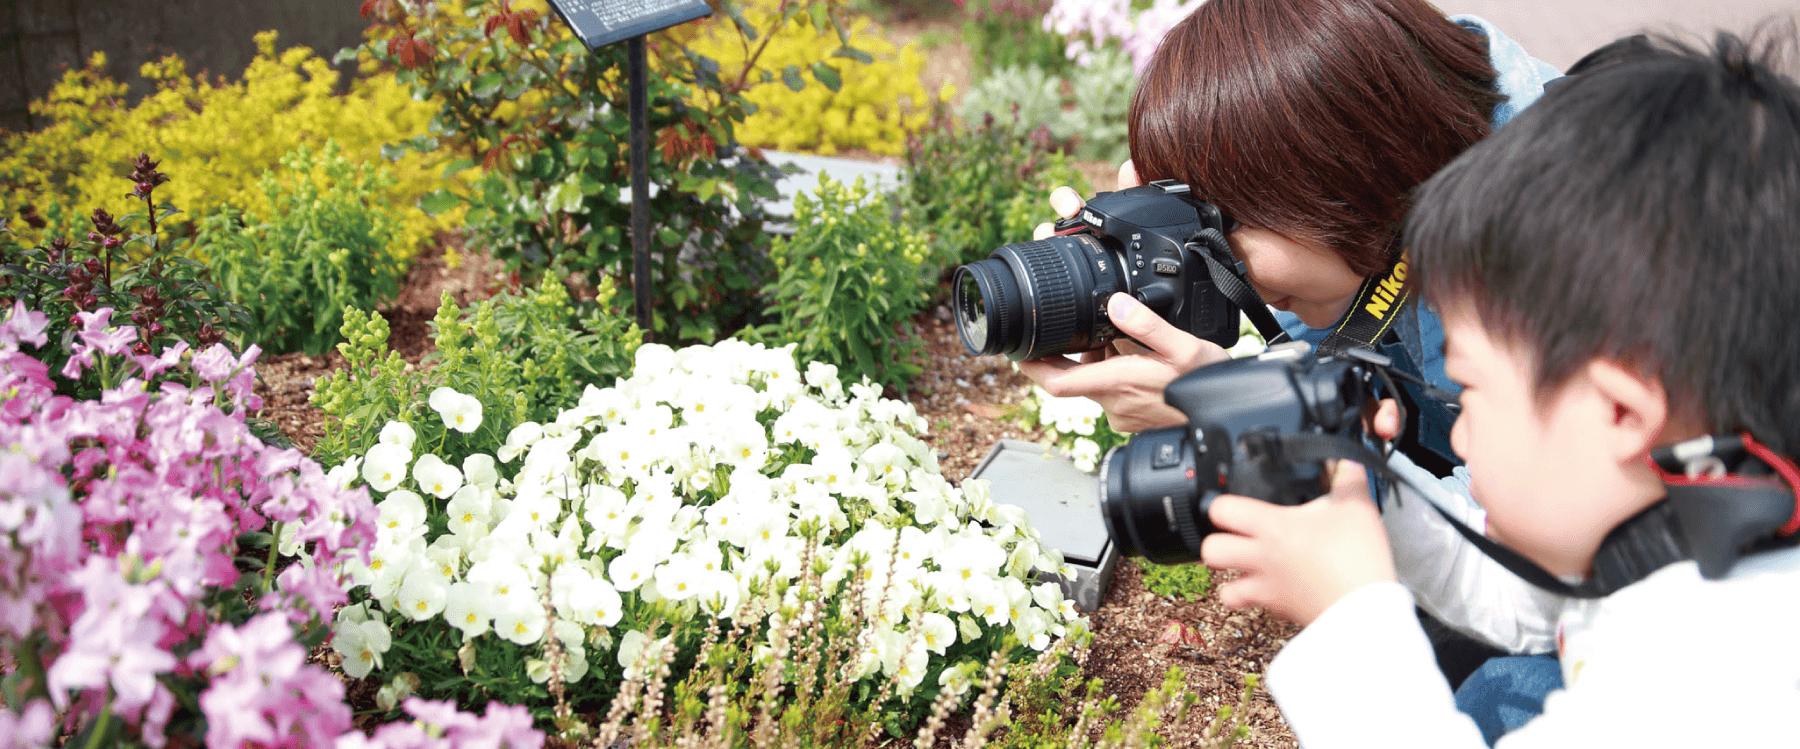 カメラ・レンズの買取専門店 カメラ総合買取ネットイメージ3